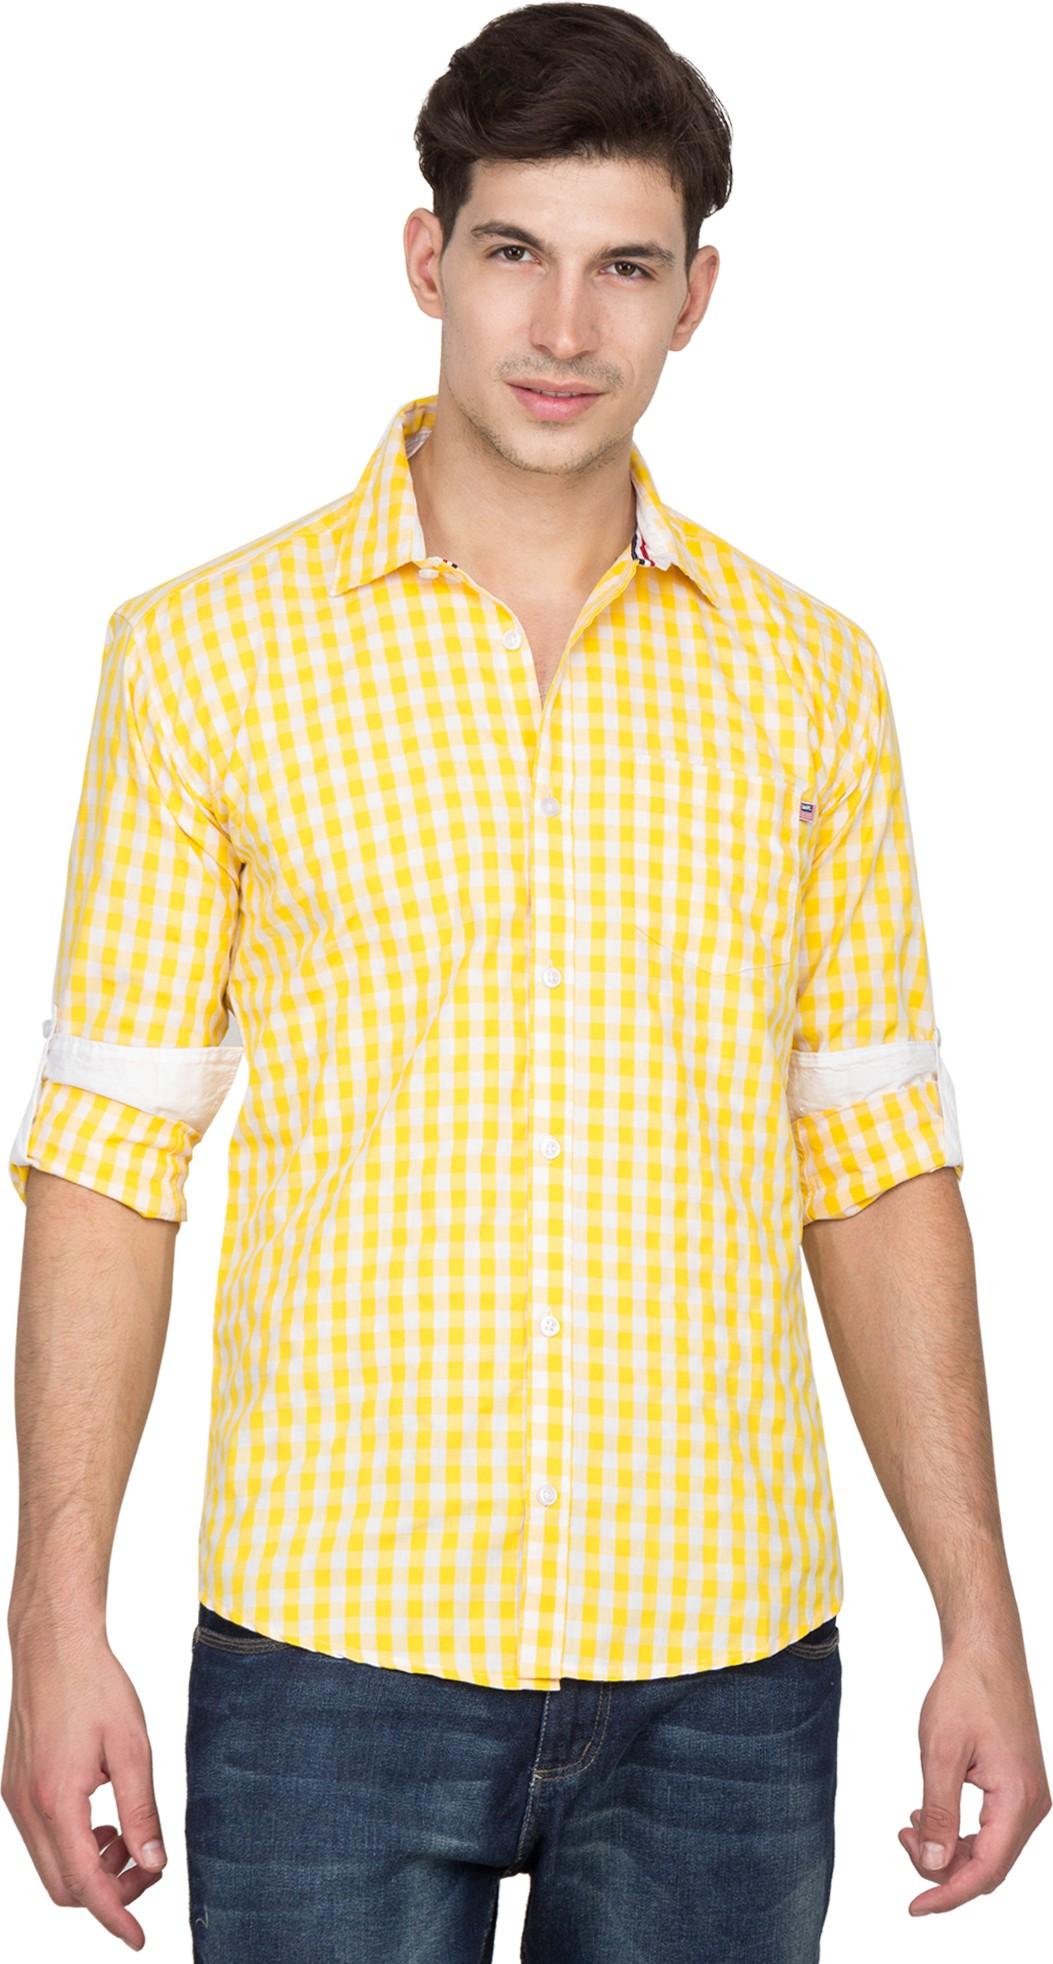 Flipkart - Shirts Flat Rs 399